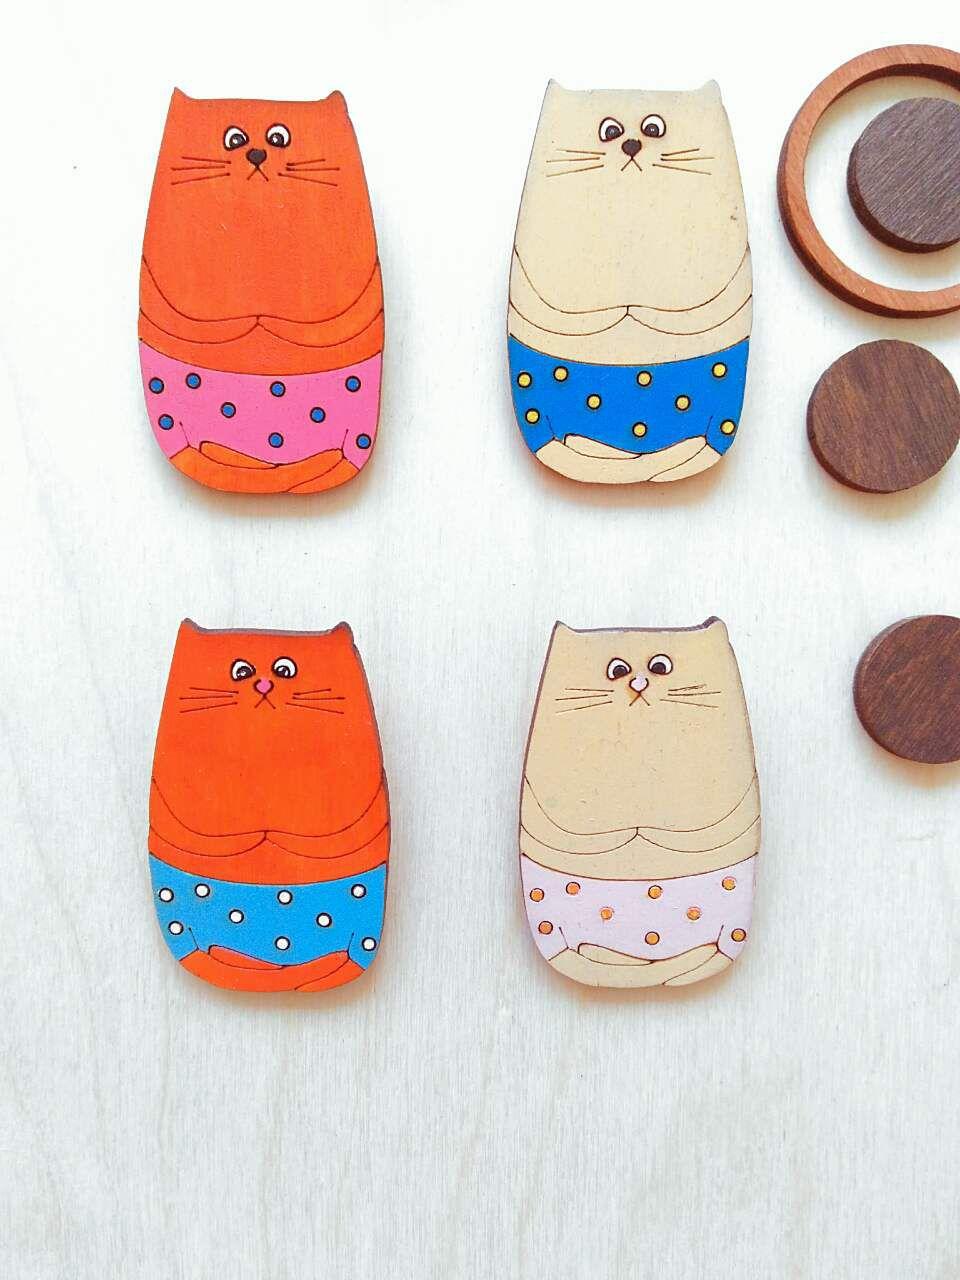 значки котик купить броши заказ брошки украшение украшения значок деревянные ручной дерева деревянная работы брошка